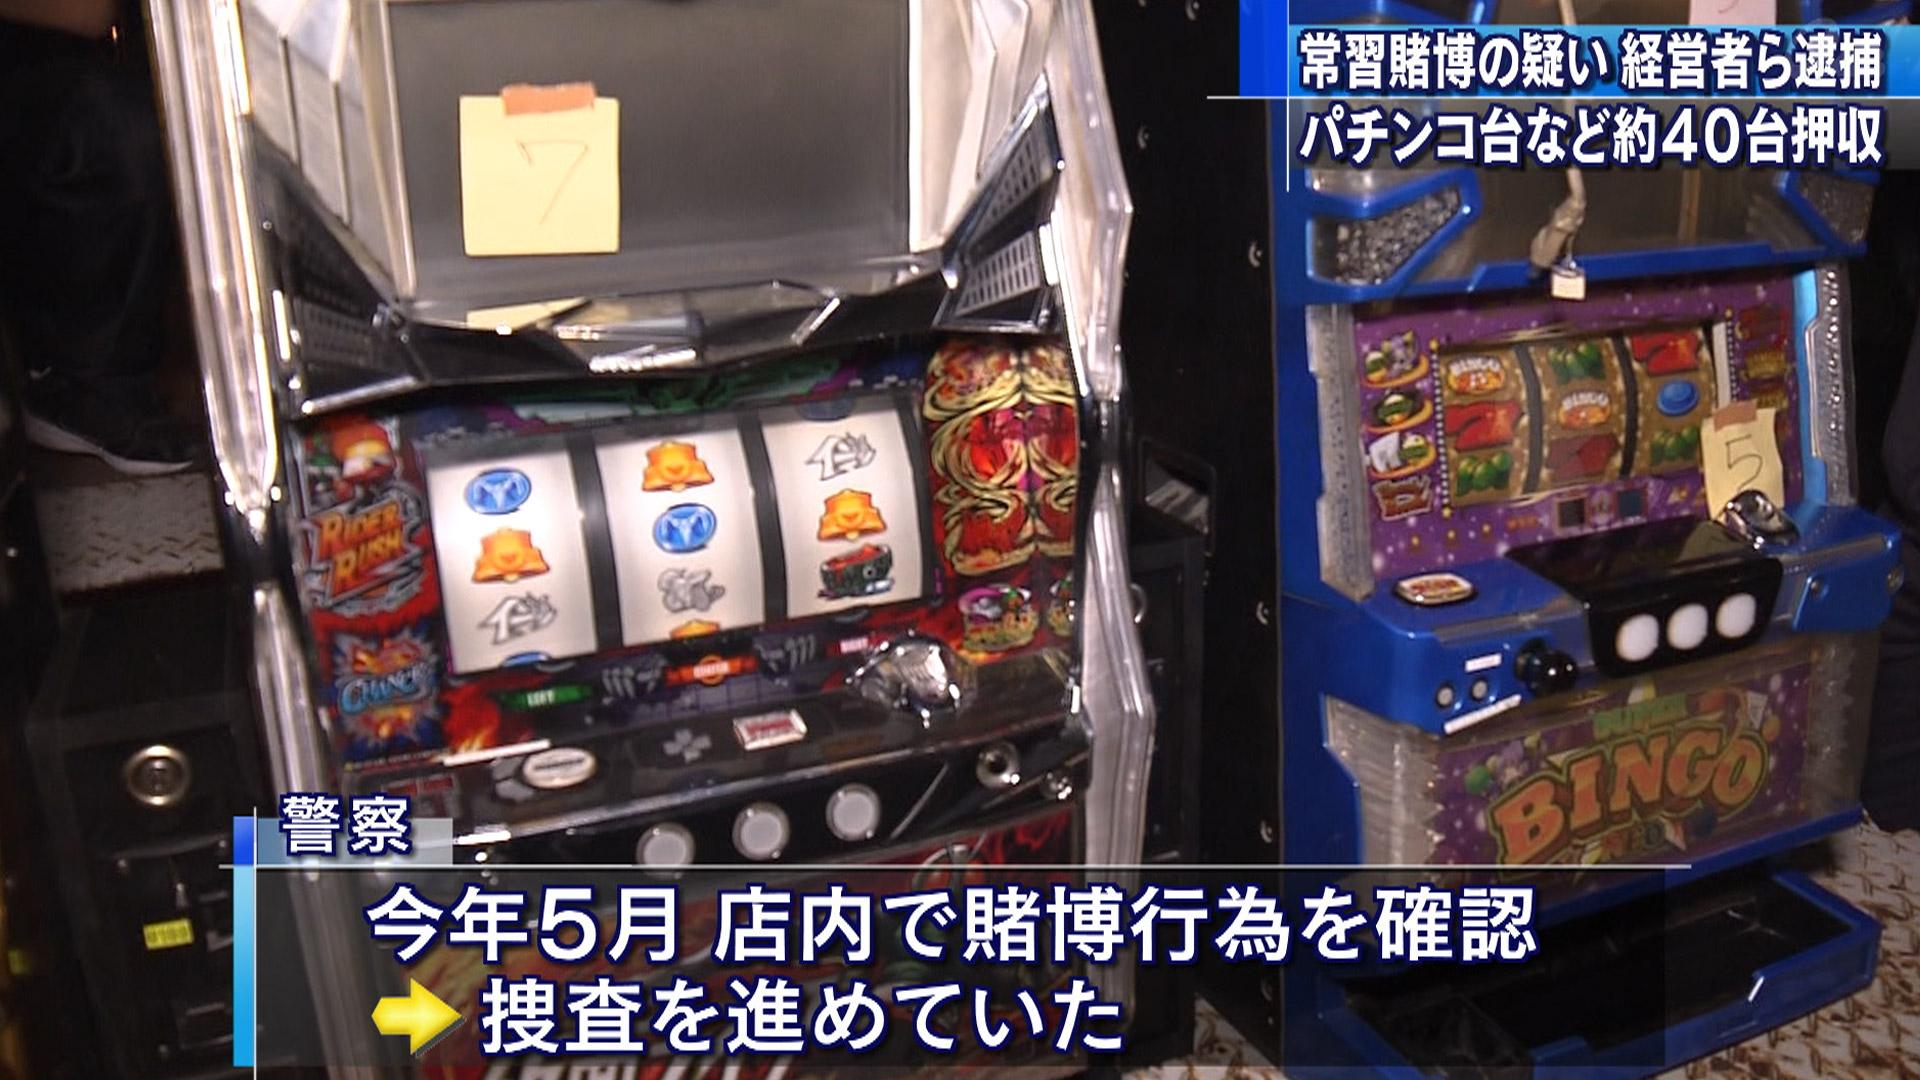 那覇市のゲームセンターで違法賭博